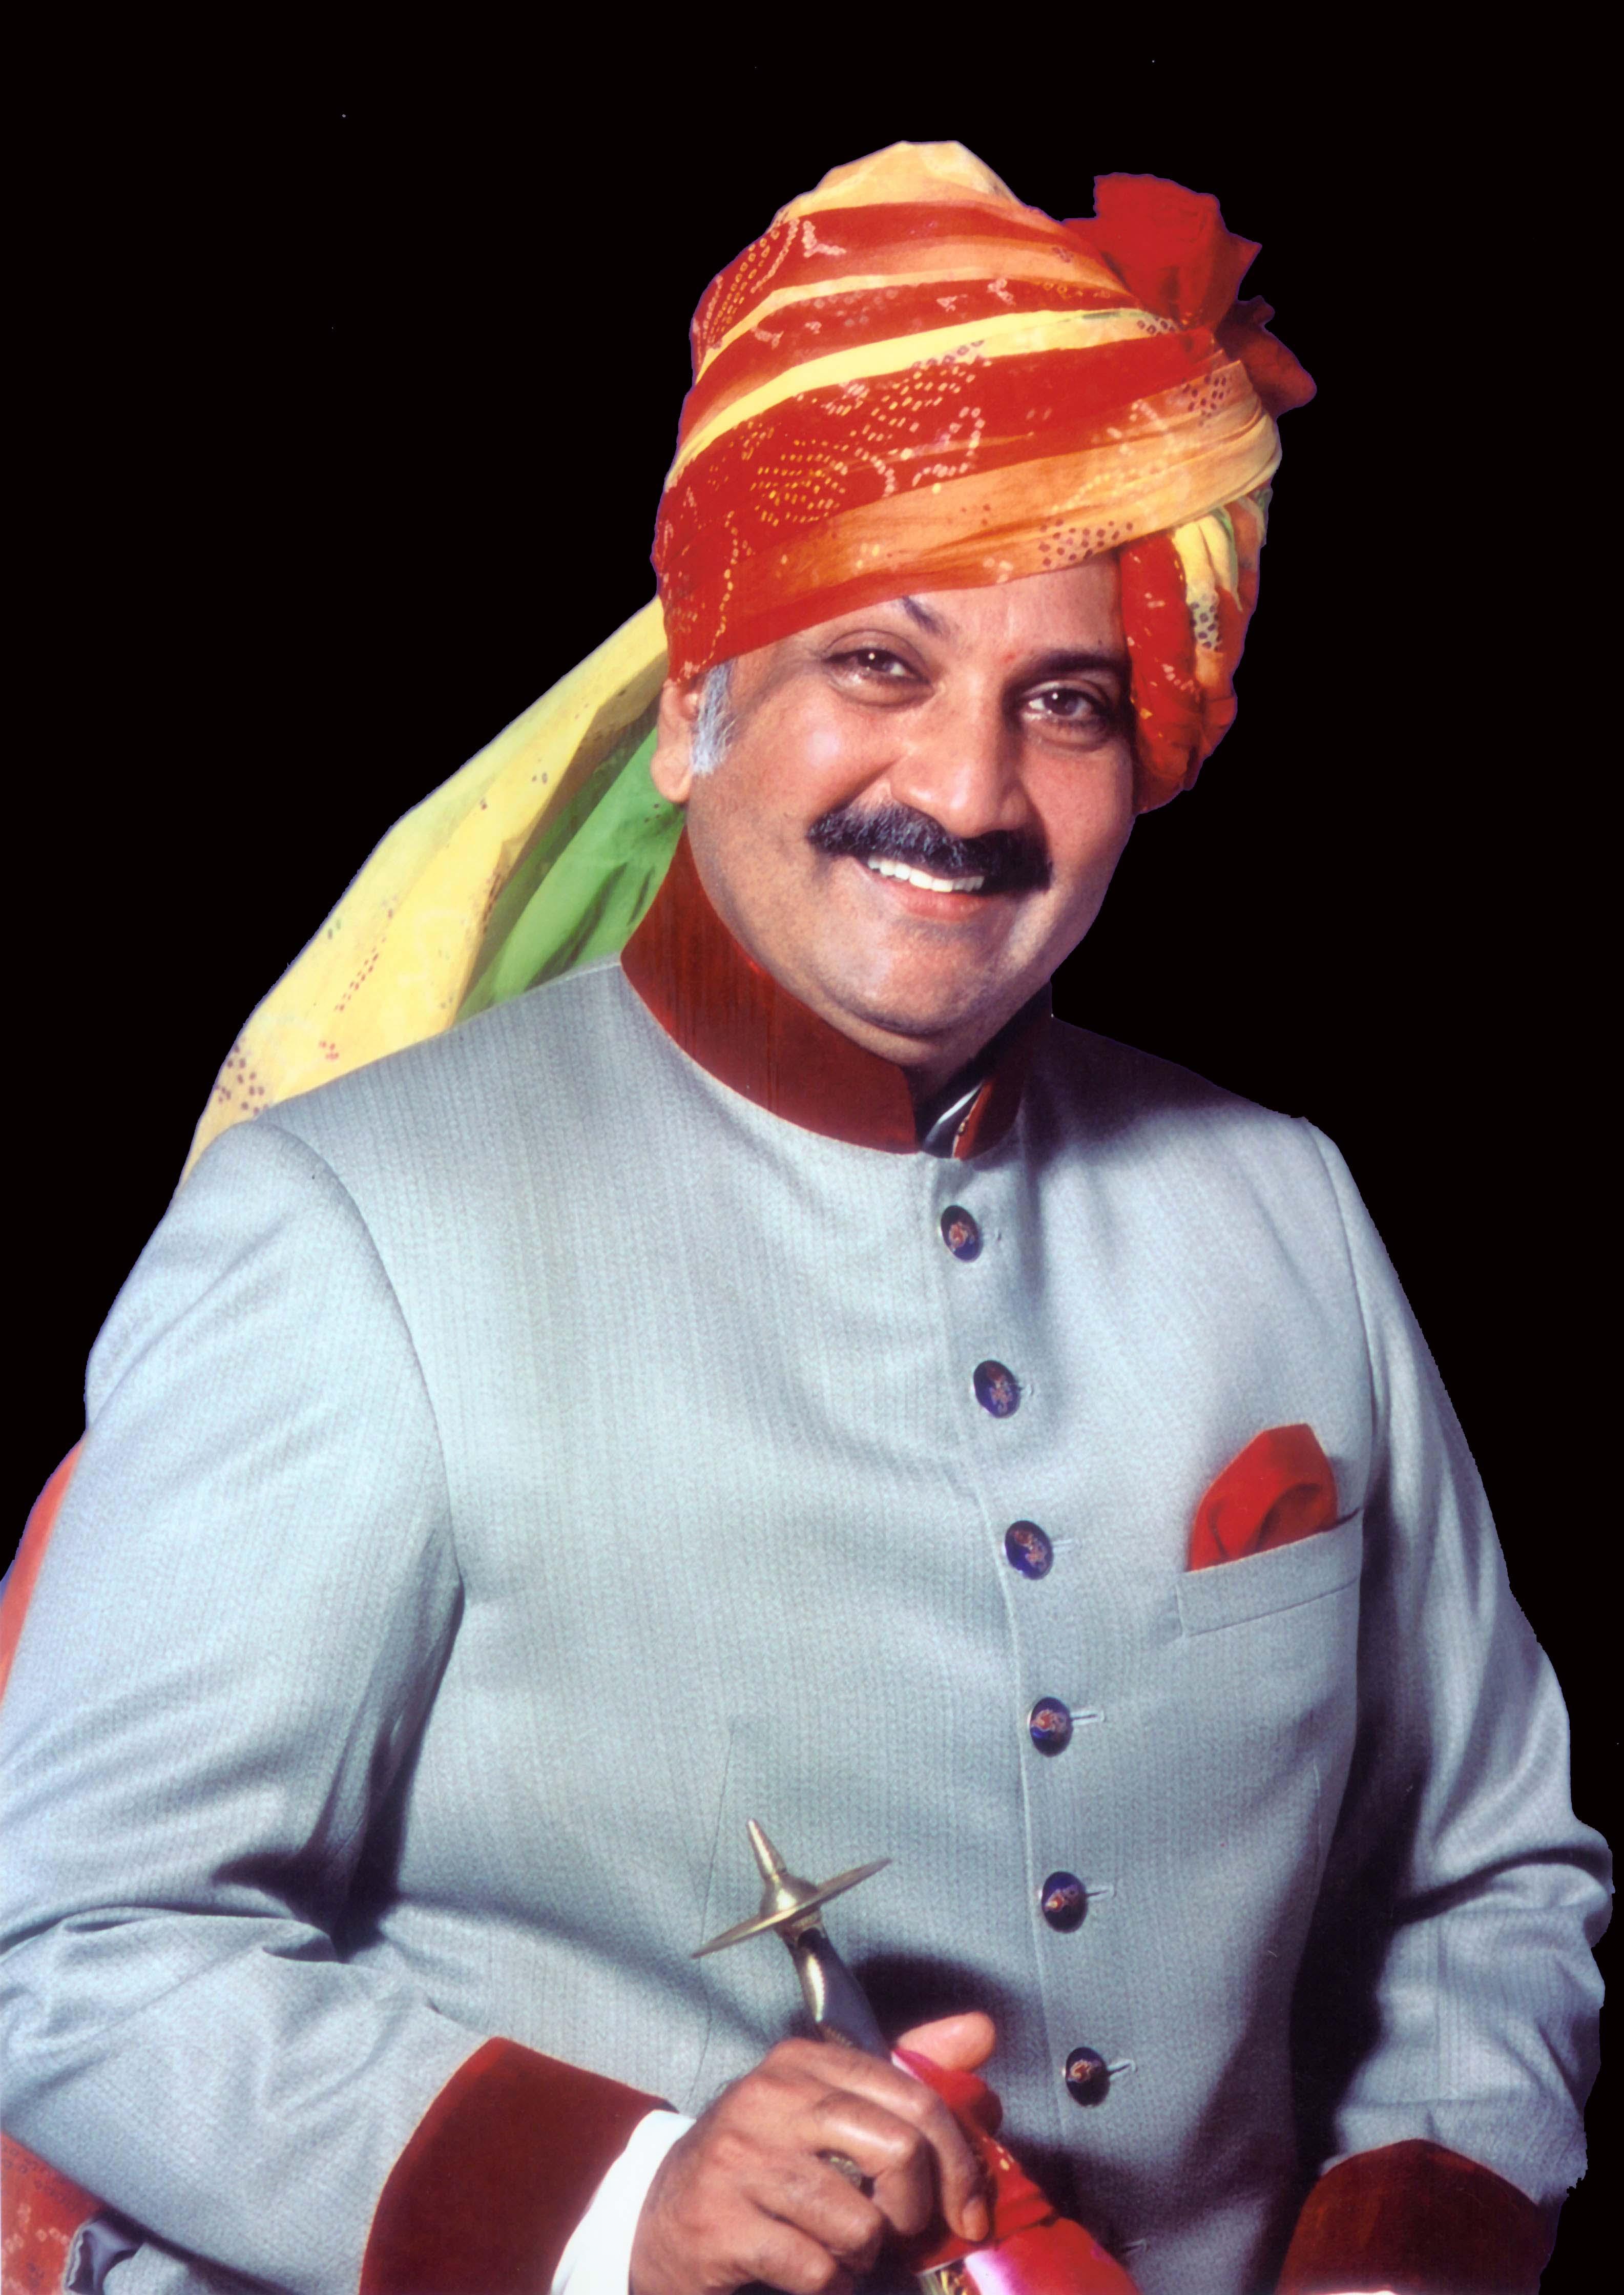 H.H. Maharaja Gajsingh II